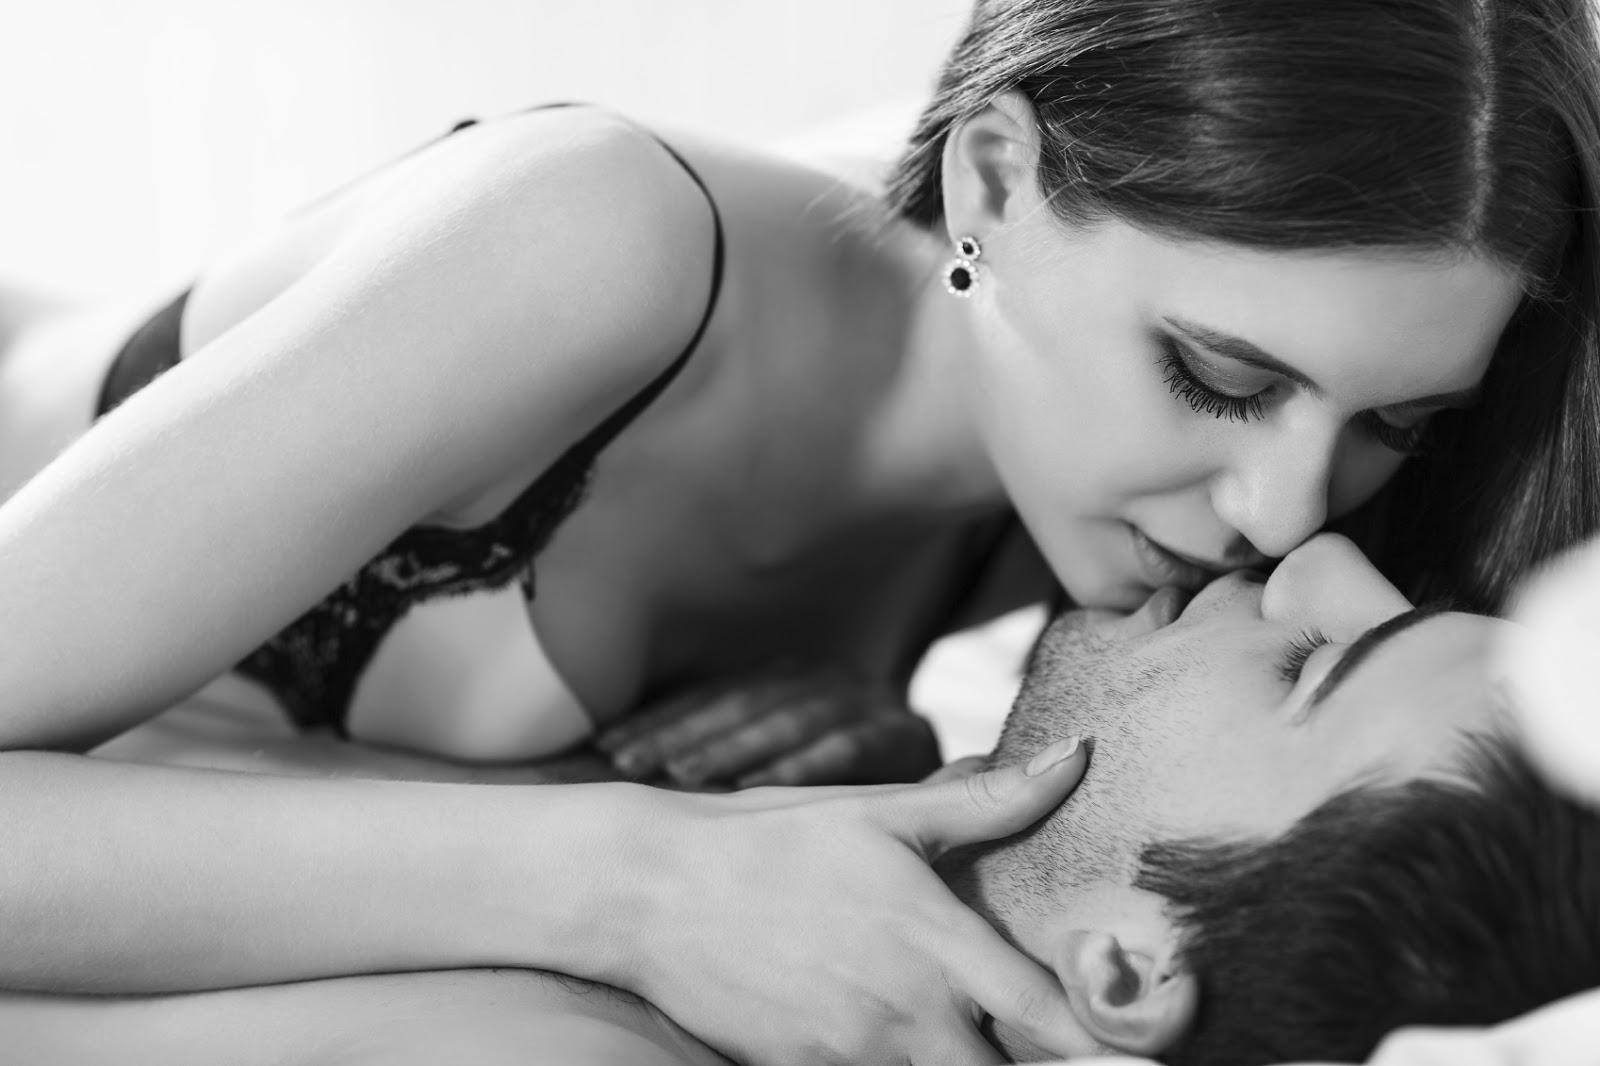 Фото поцелуев сисек, Kiss Sex Фото со стоков и изображения 12 фотография